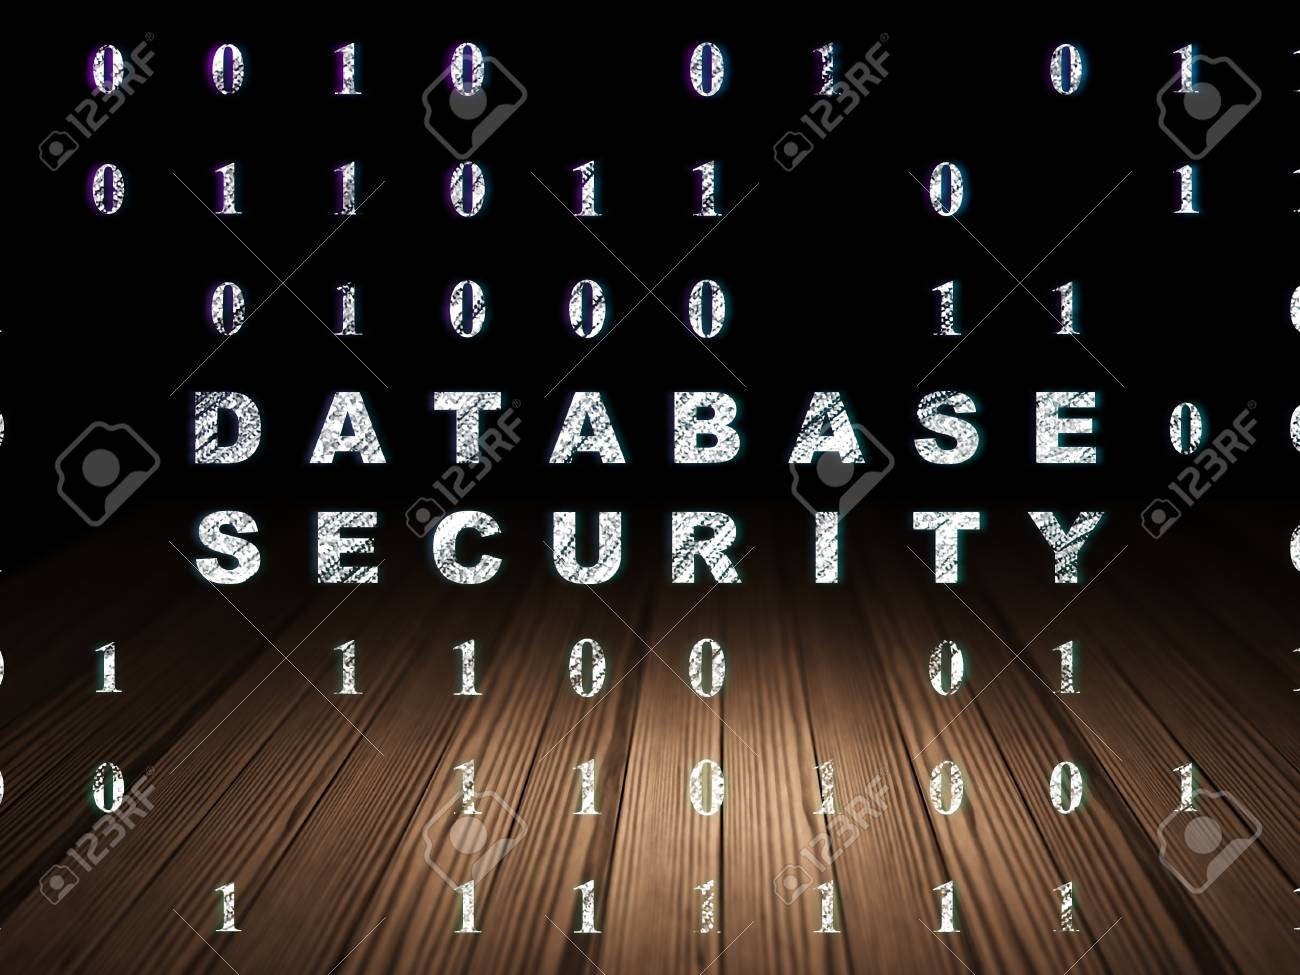 Programmierkonzept Glhender Text Database Security Im Grunge And Dunklen Raum Mit Holzboden Schwarzer Hintergrund